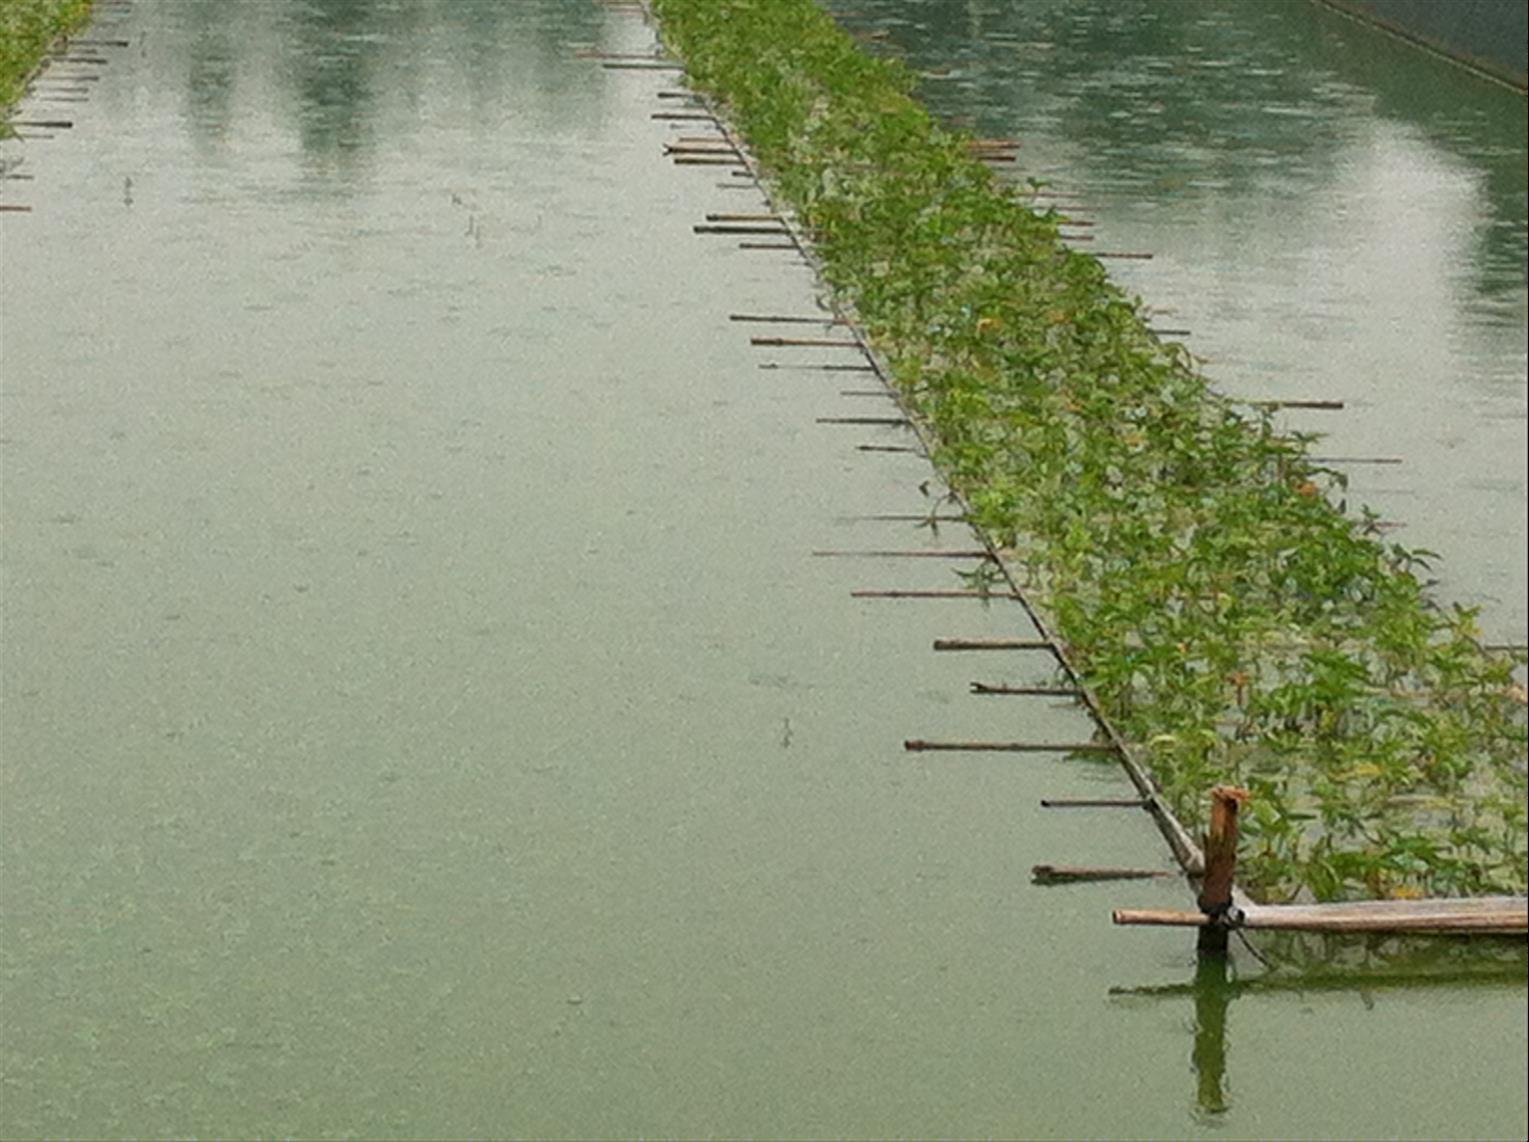 沈阳泥鳅苗养殖